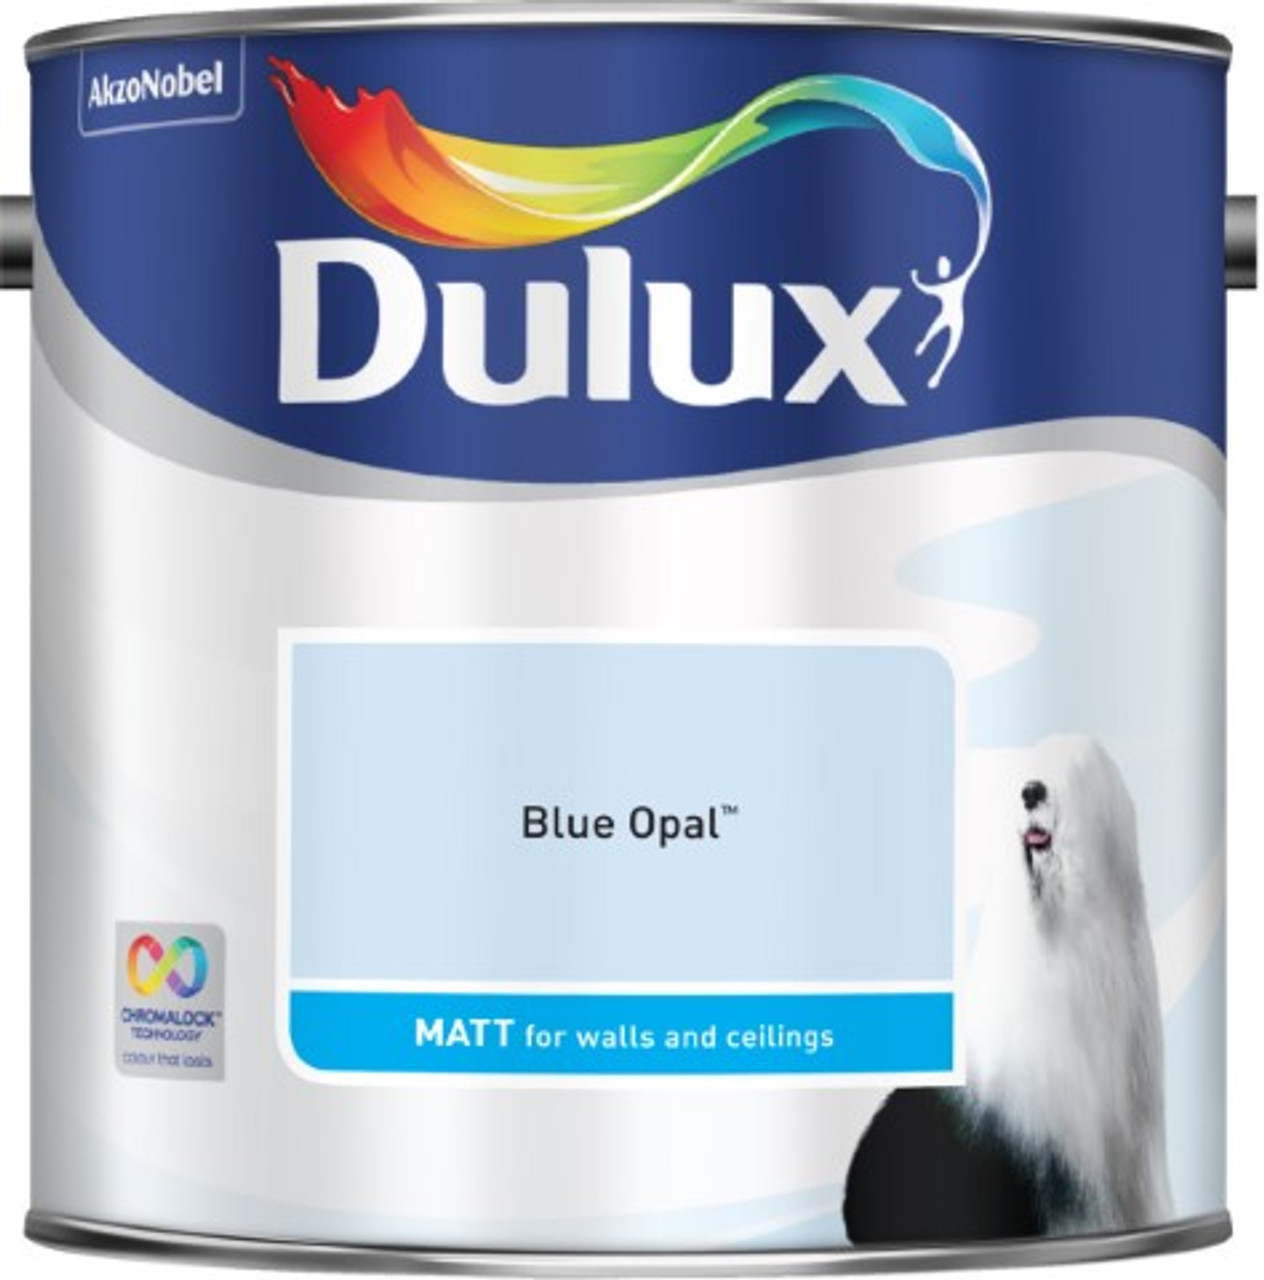 2.5L Dulux Matt Emulsion Blue Opal